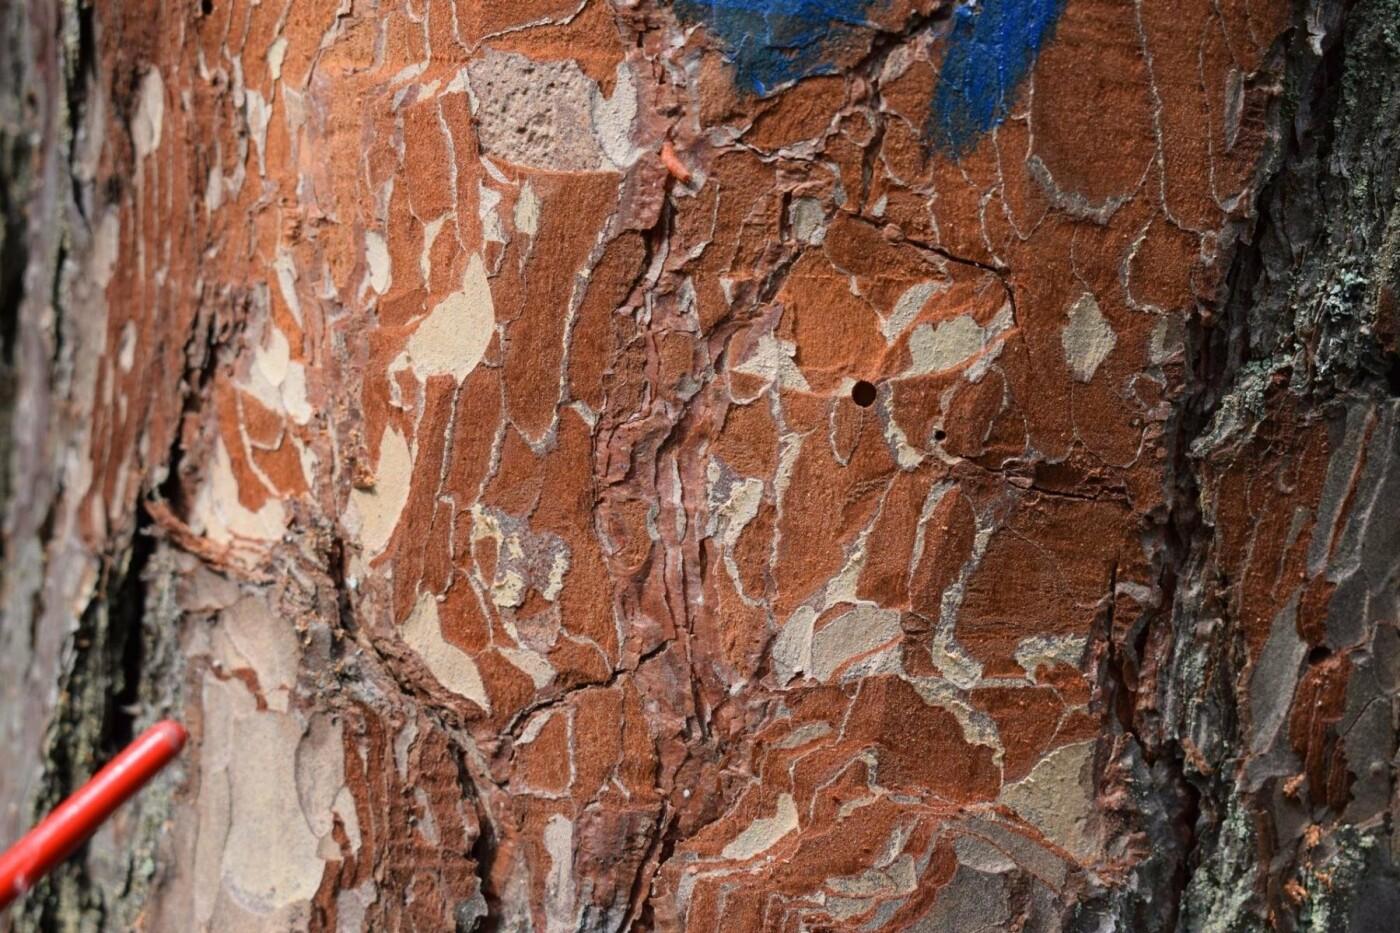 """Біологічну """"зброю"""" – мурахожука випустили в лісах на Сумщині, фото-2"""